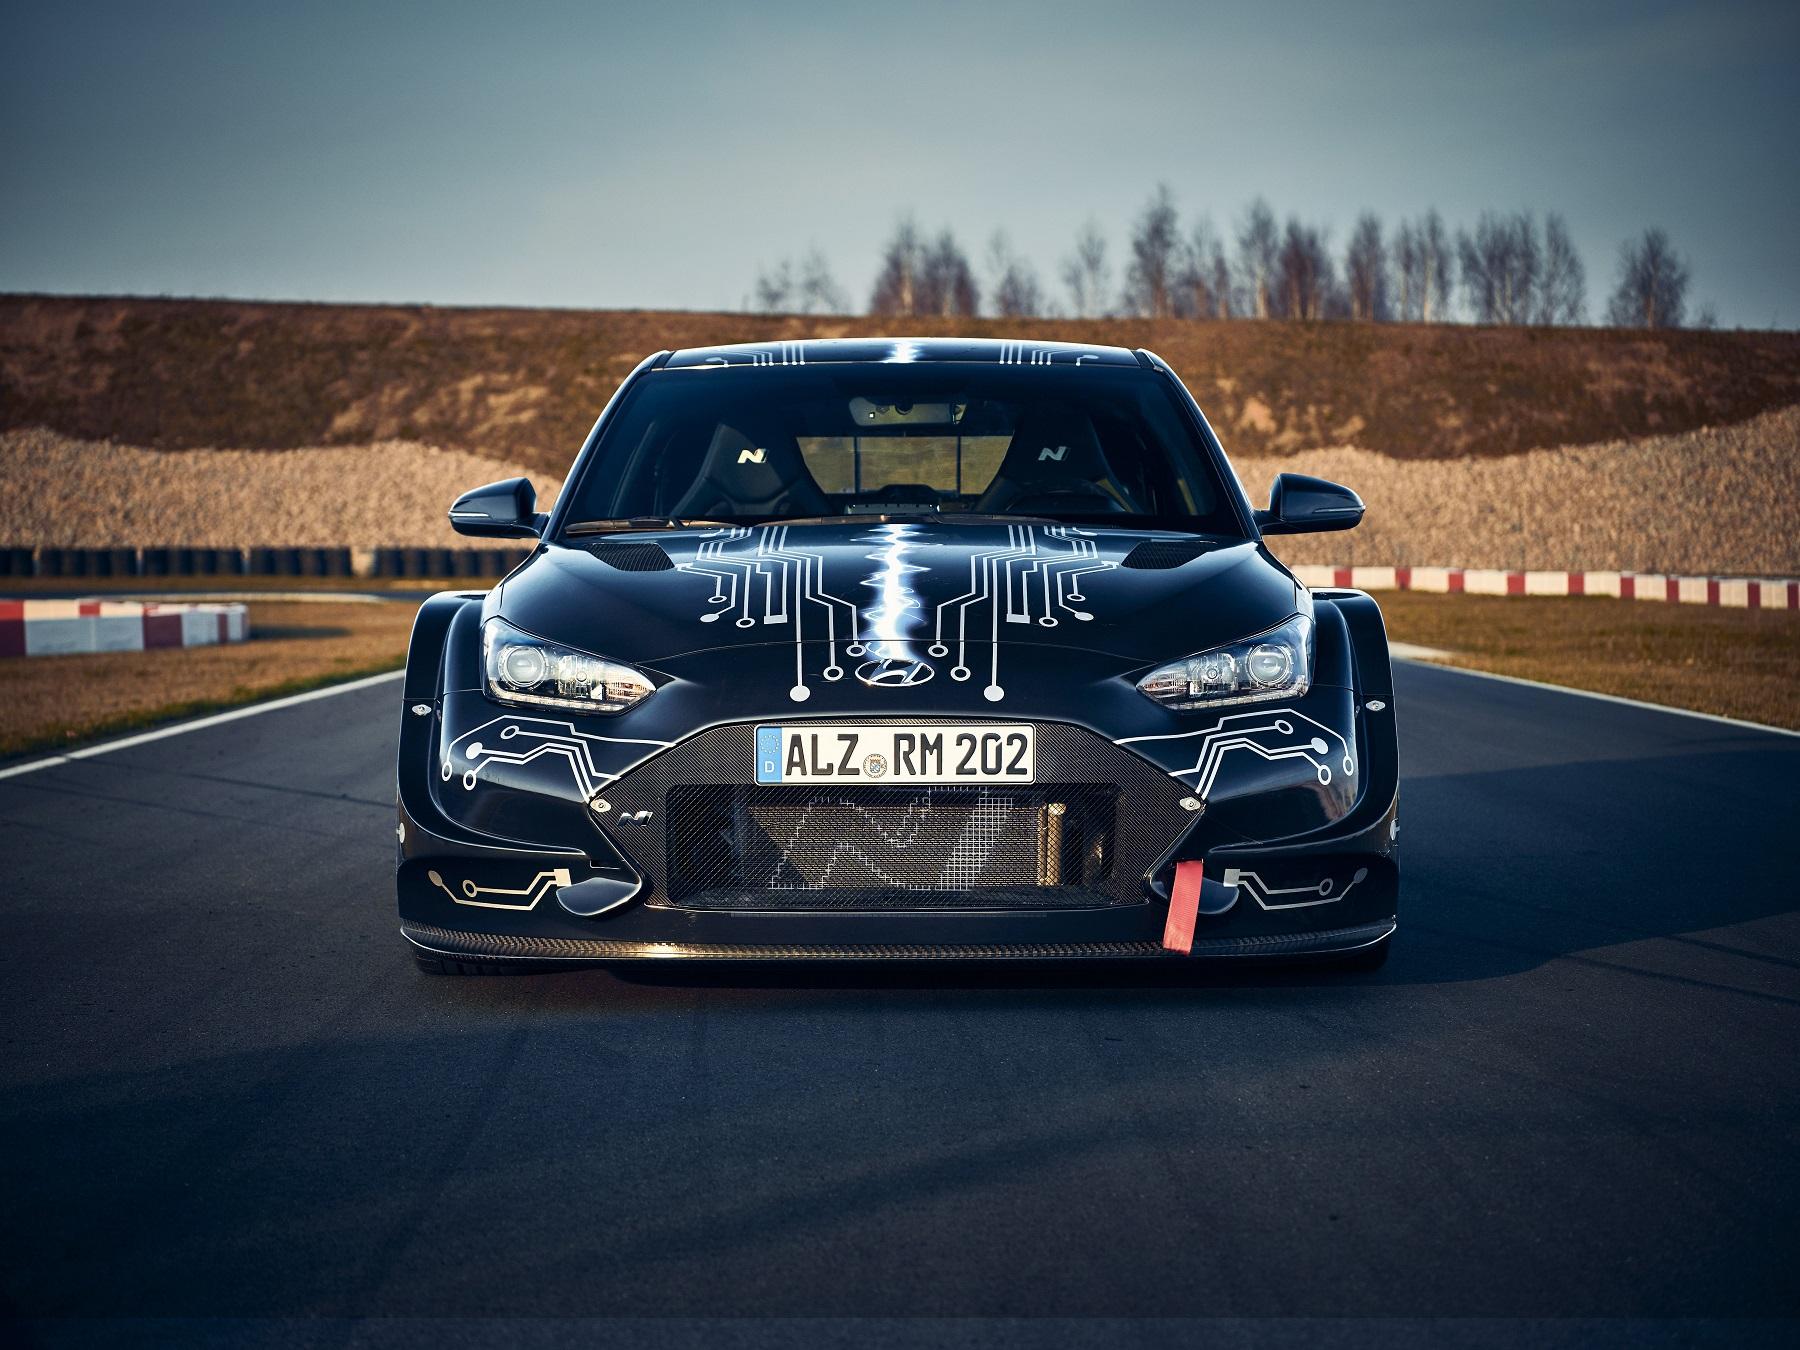 Hyundai N má elektrickú budúcnosť. Predznamenáva ju špeciál RM20e oI3yXFgmbh hyundai-rm20e-racing-mi